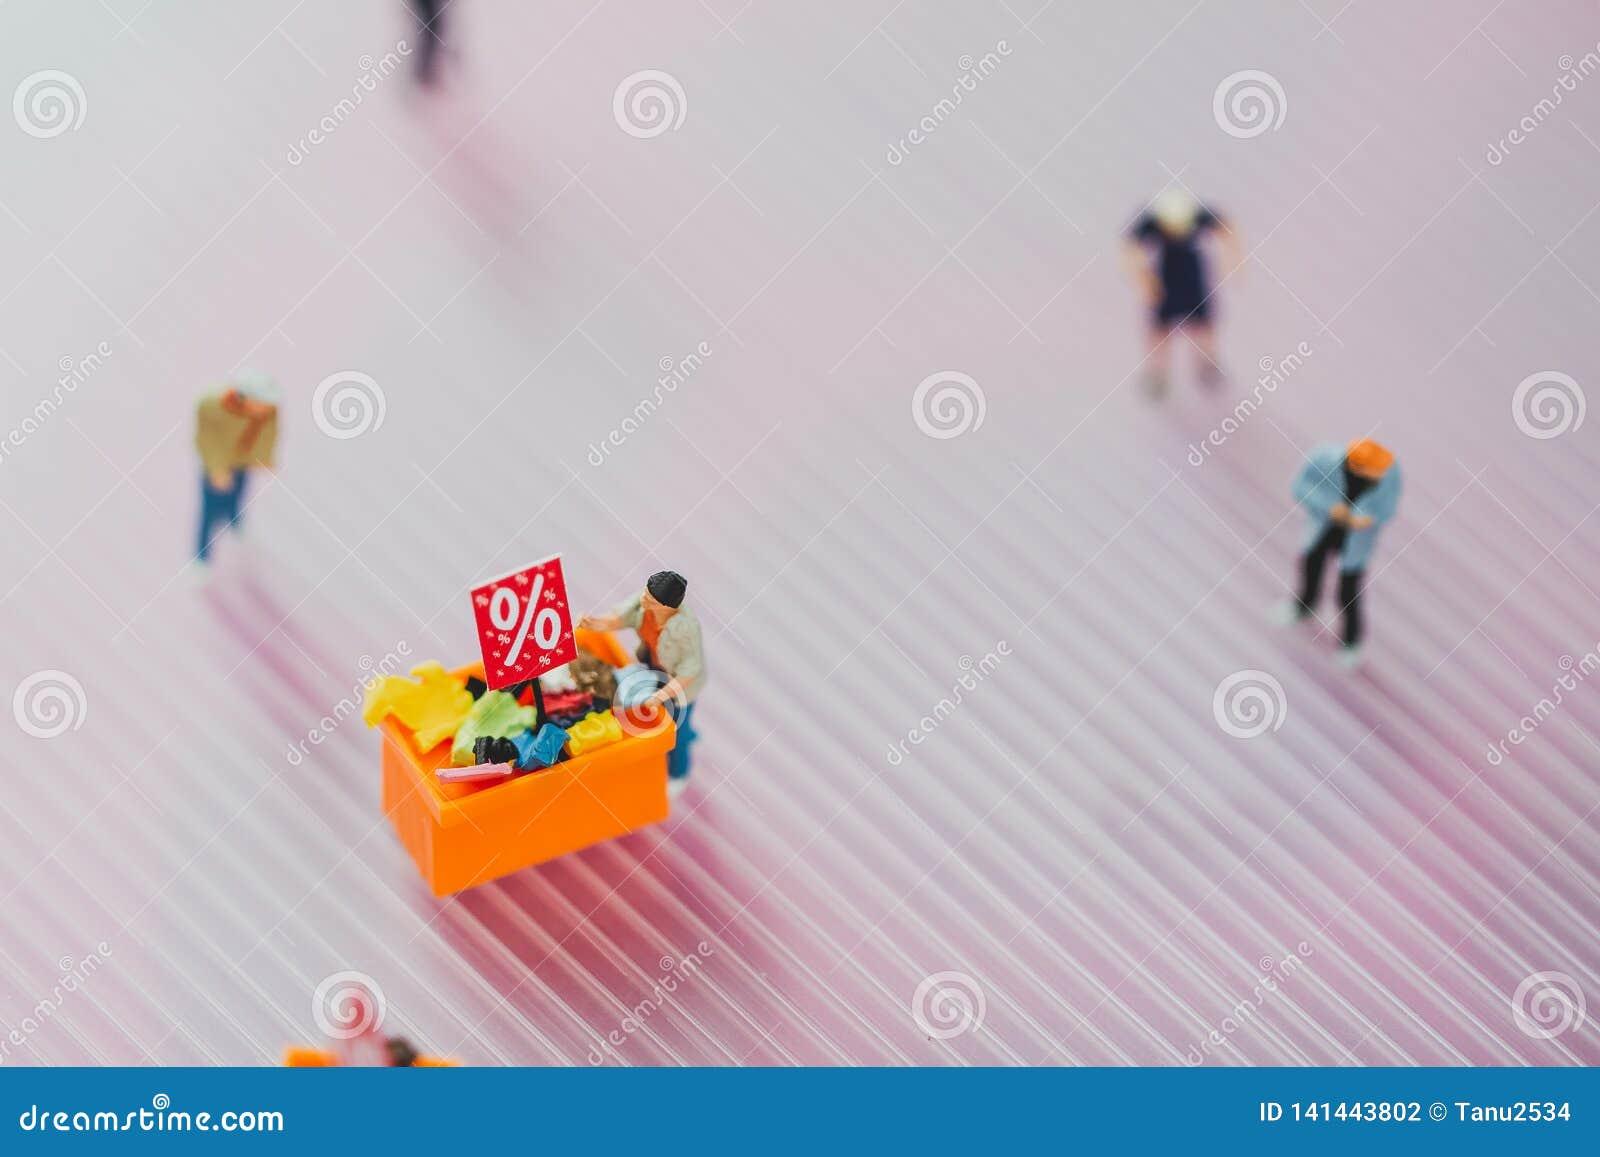 Les clients achètent des marchandises en vente